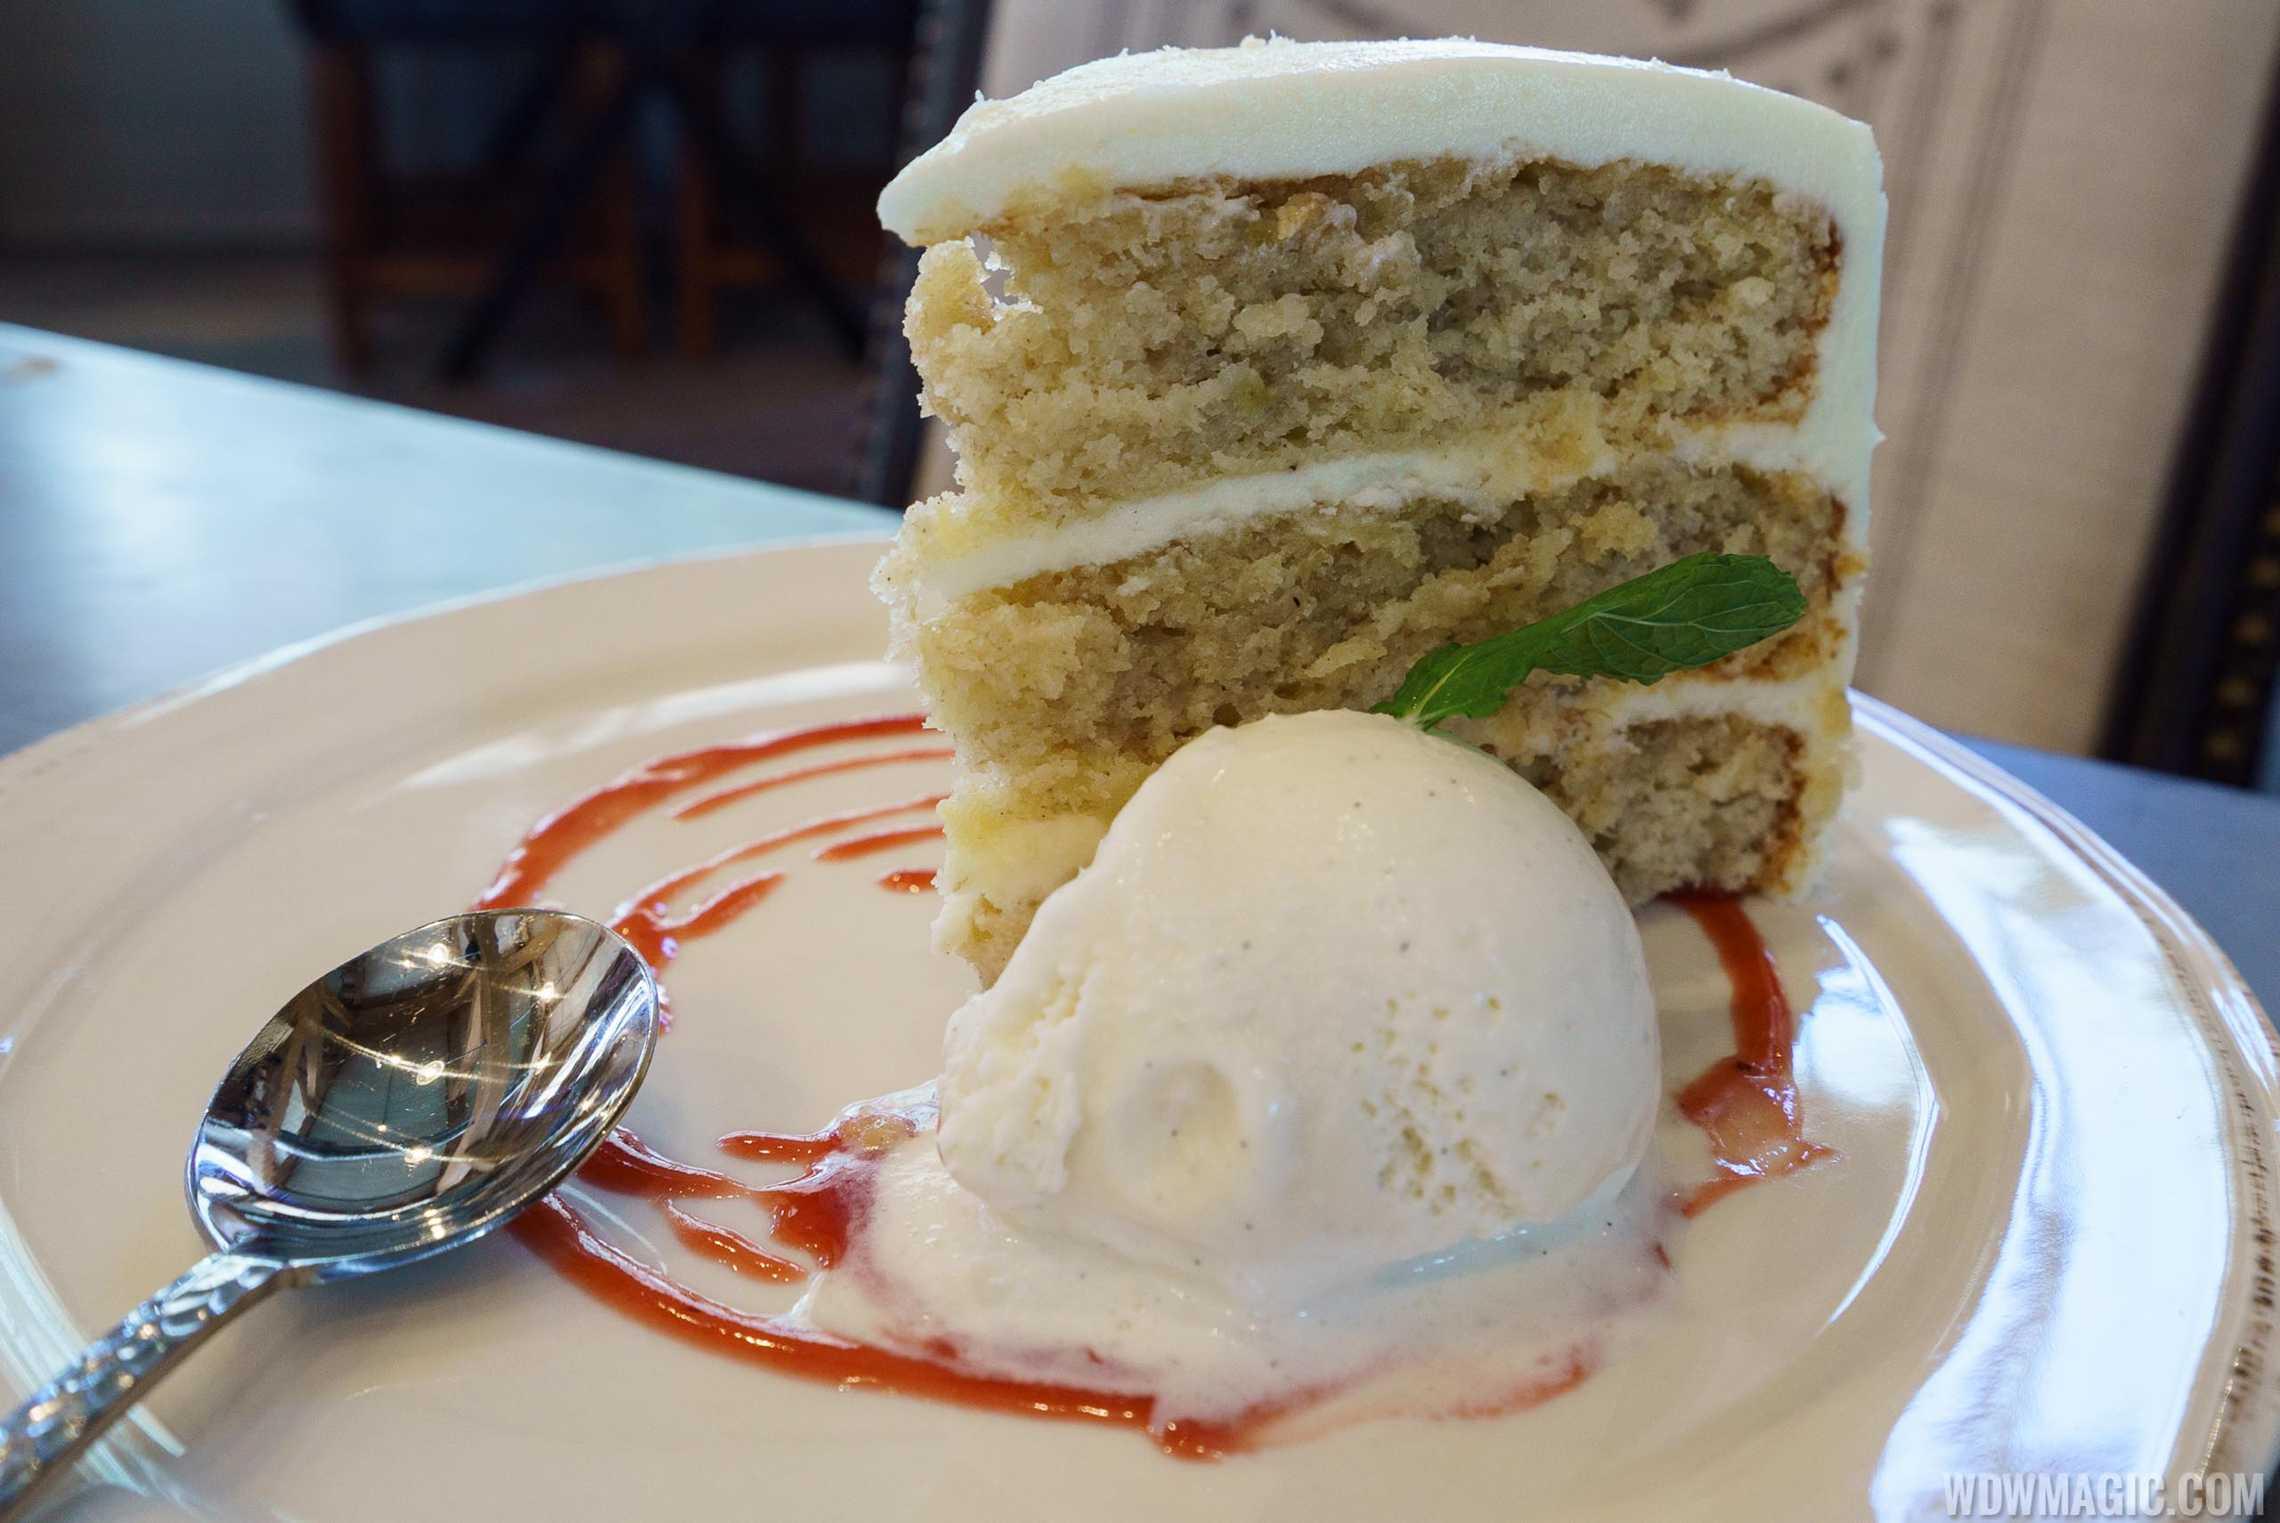 Homecoming restaurant - Hummingbird Cake